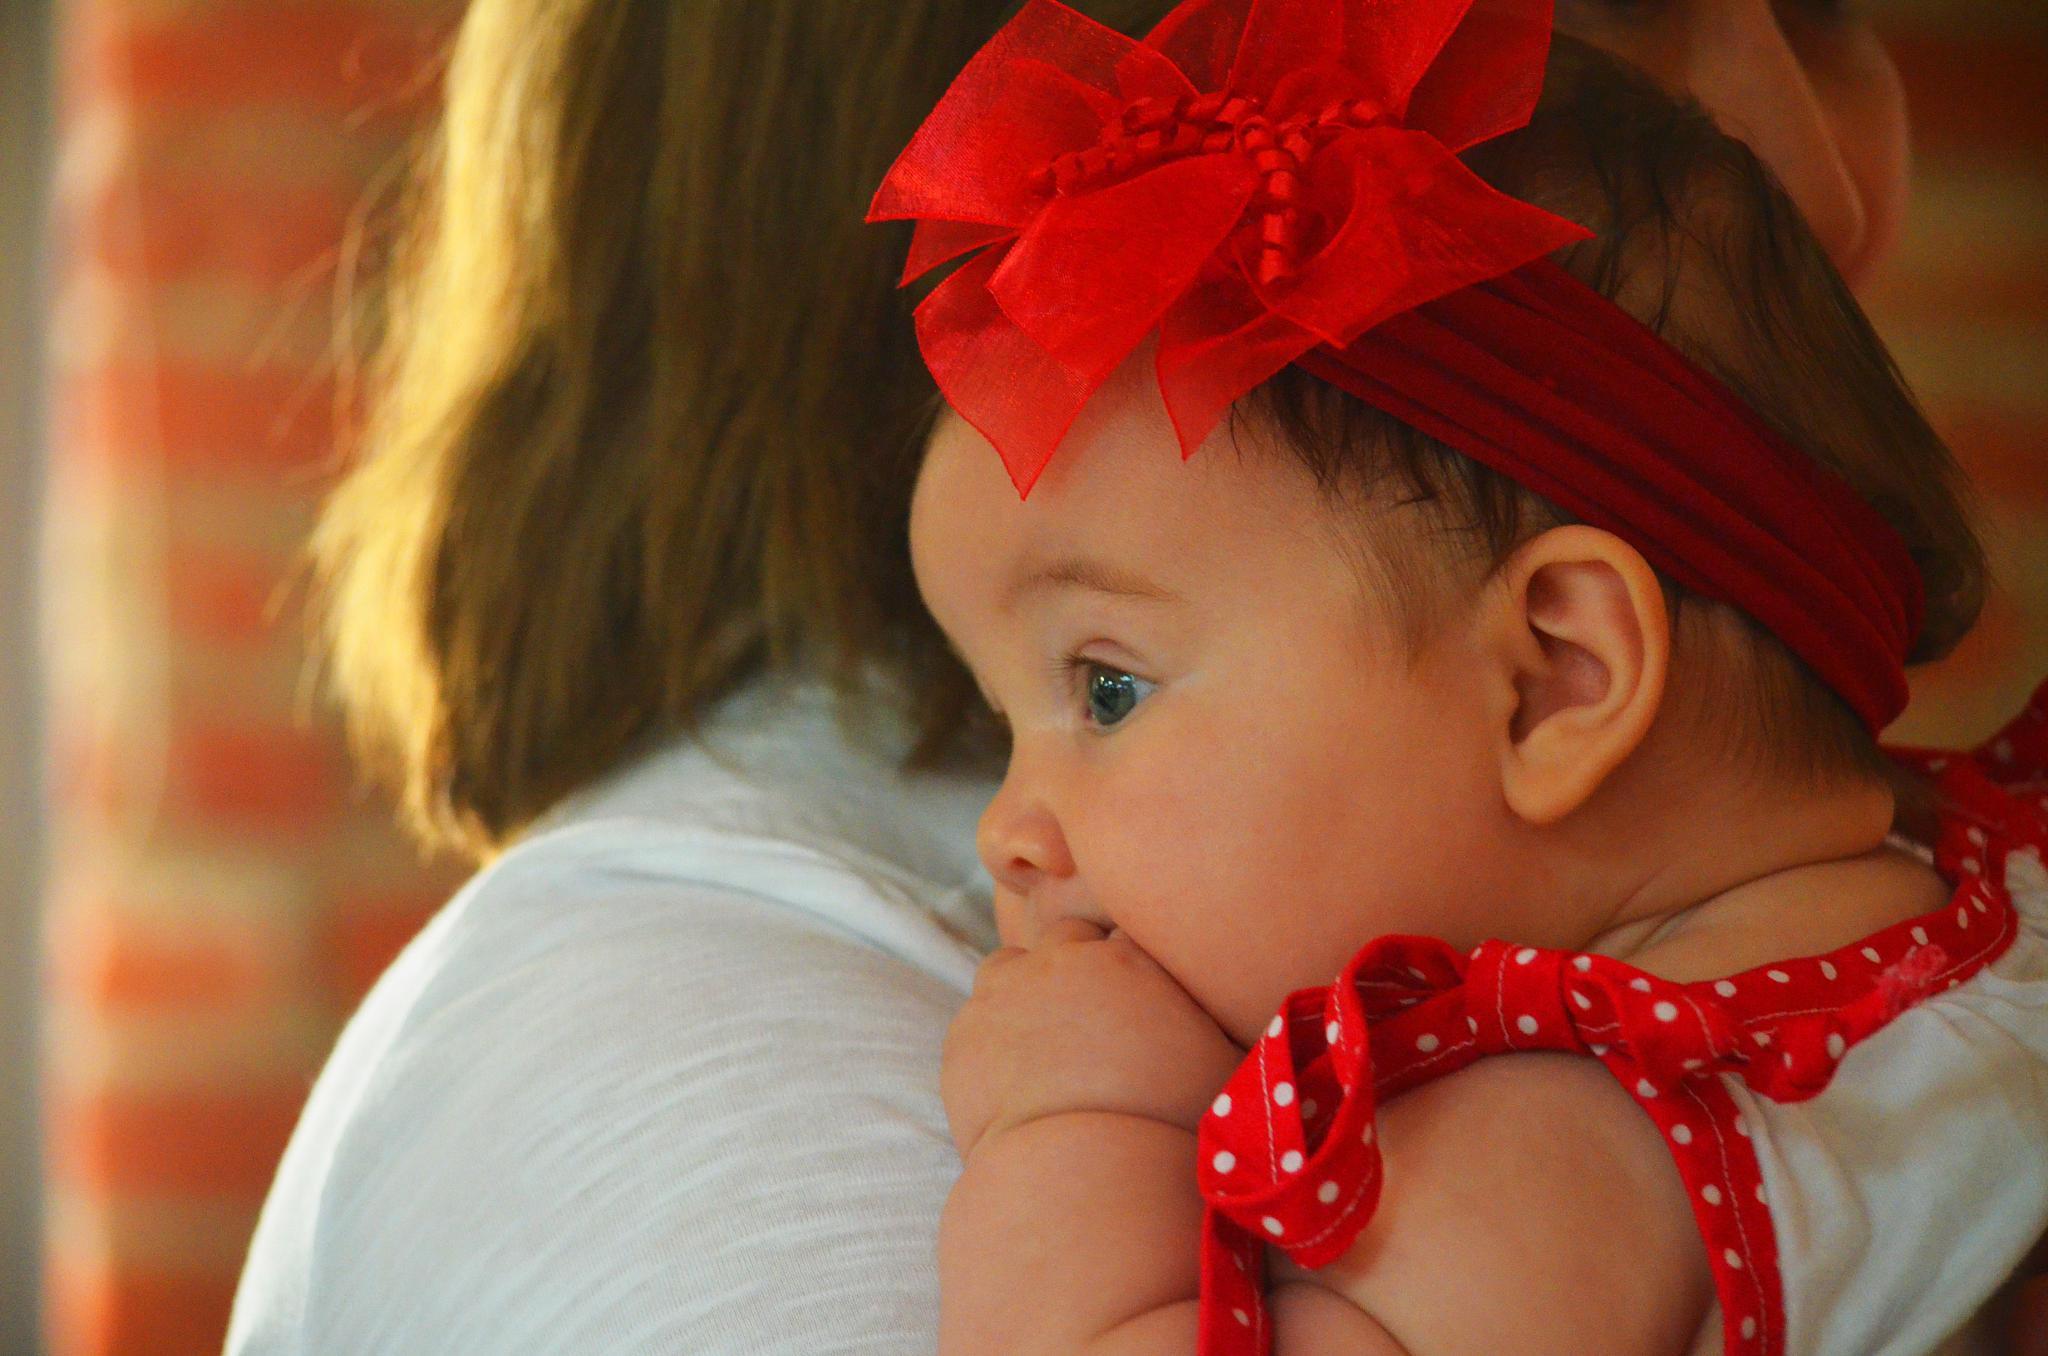 Great niece by Boonietunes